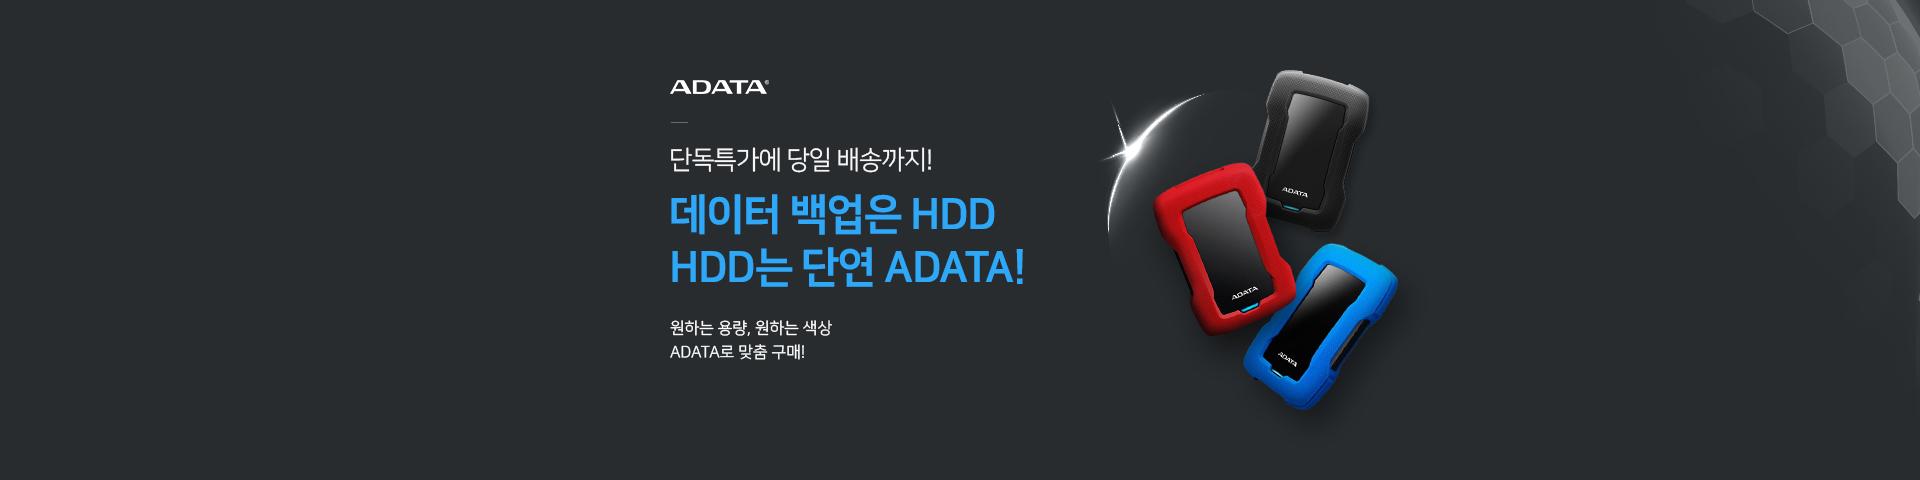 [ADATA] HDD 단독특가 기획전